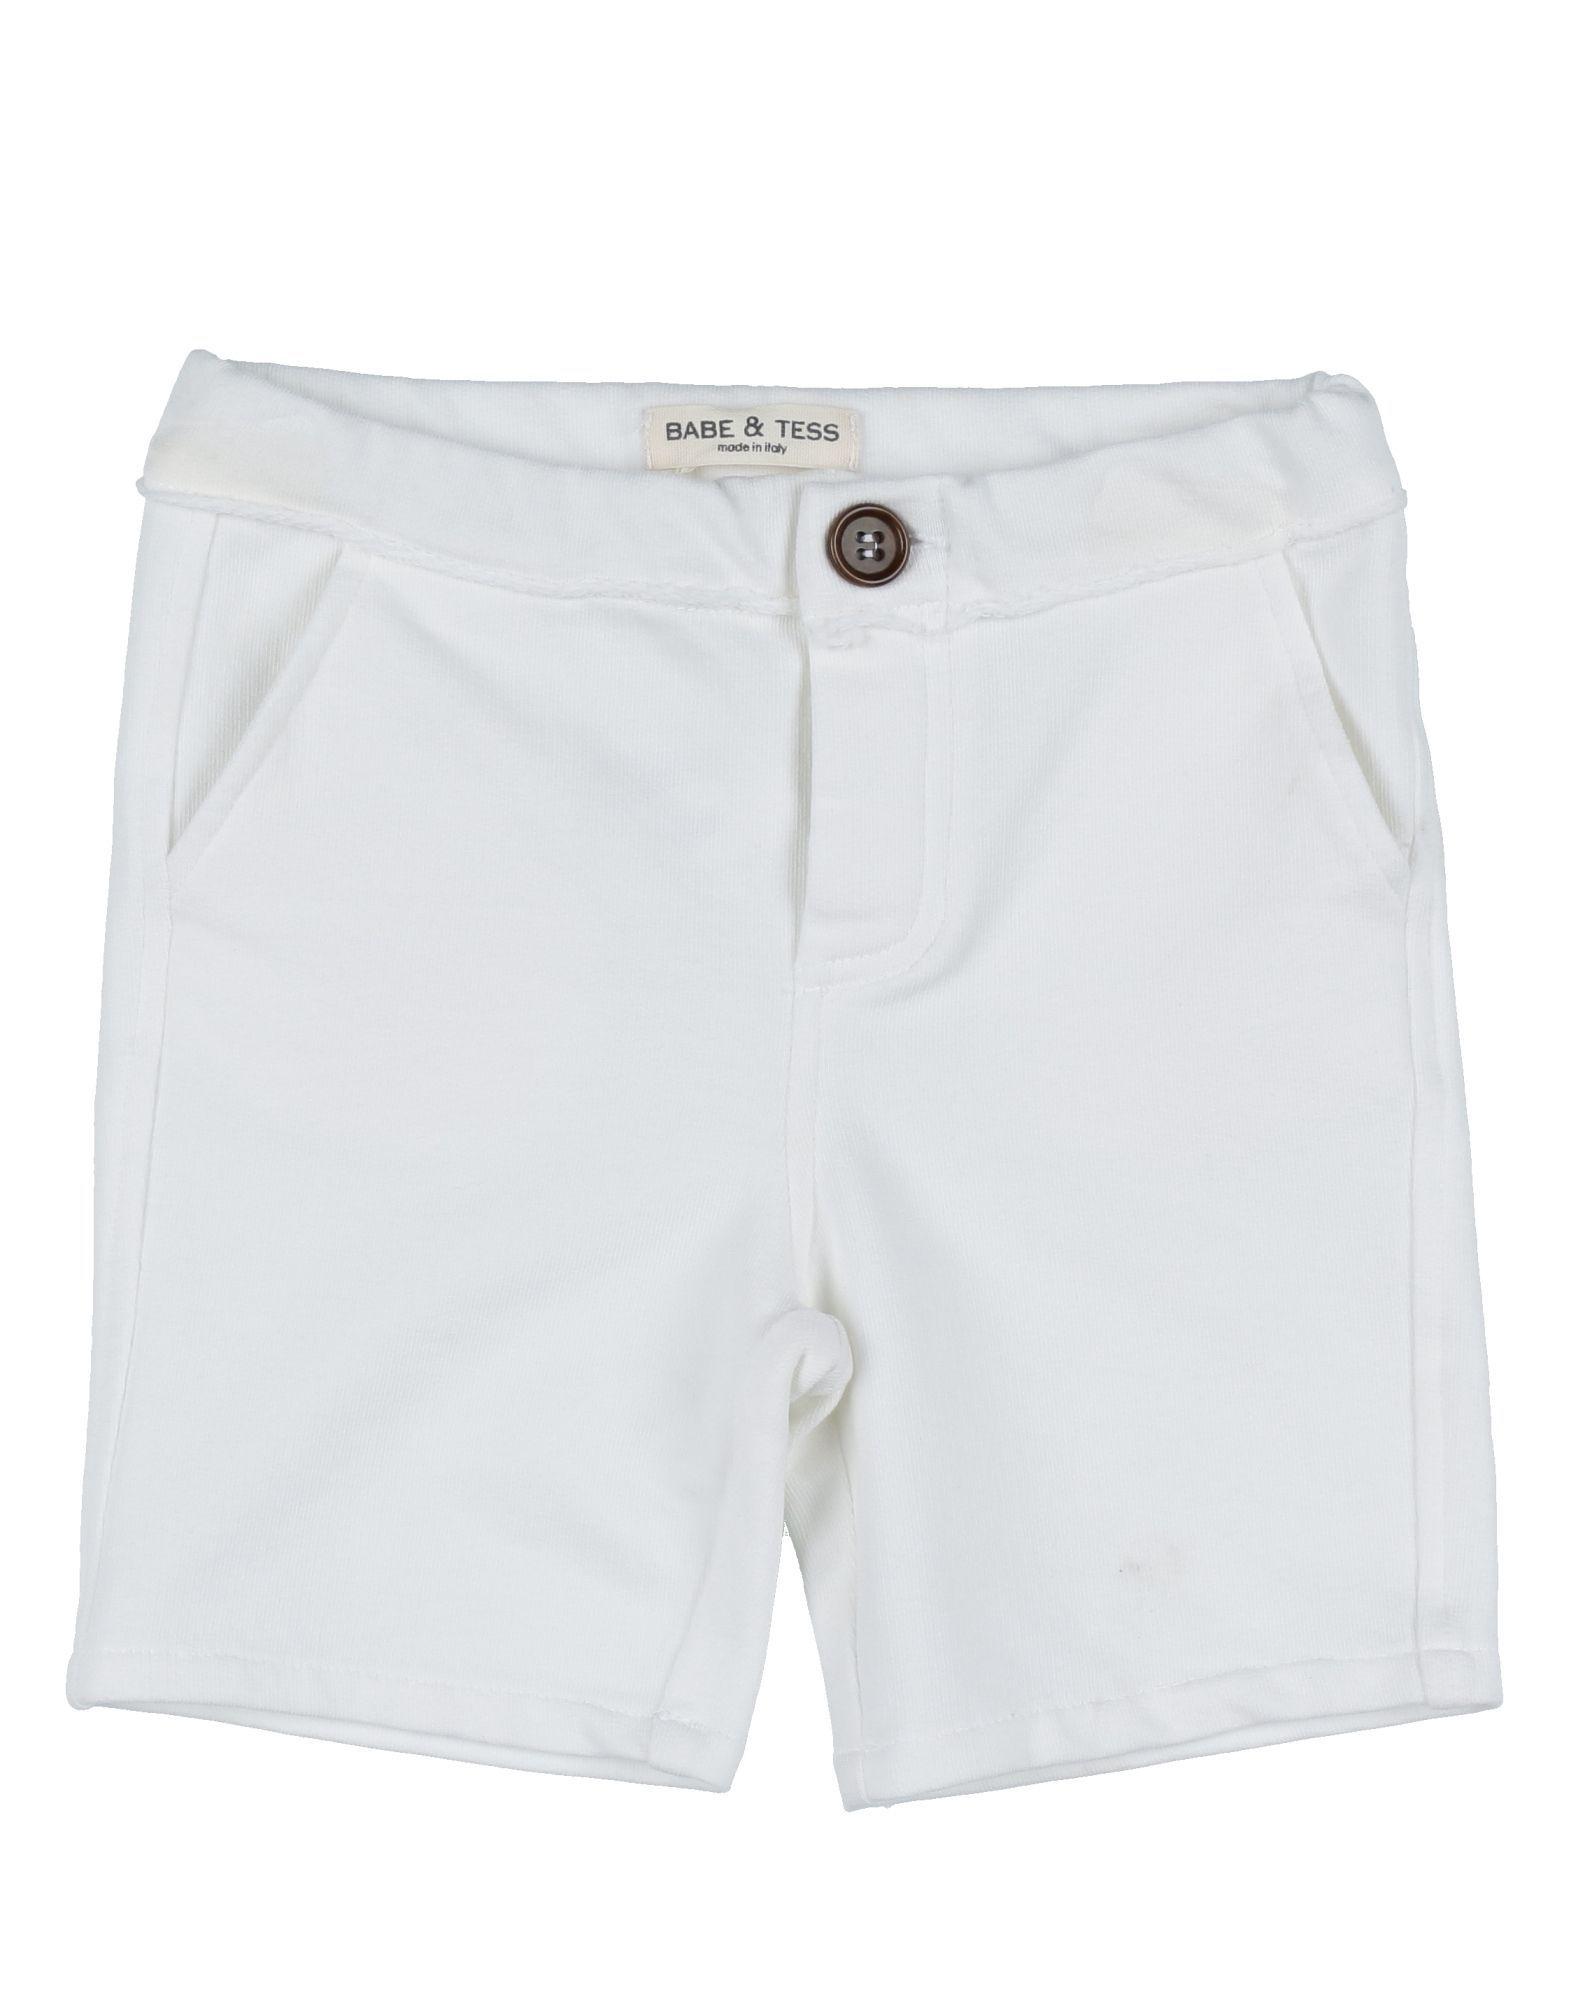 Babe & Tess White Boy Cotton Shorts